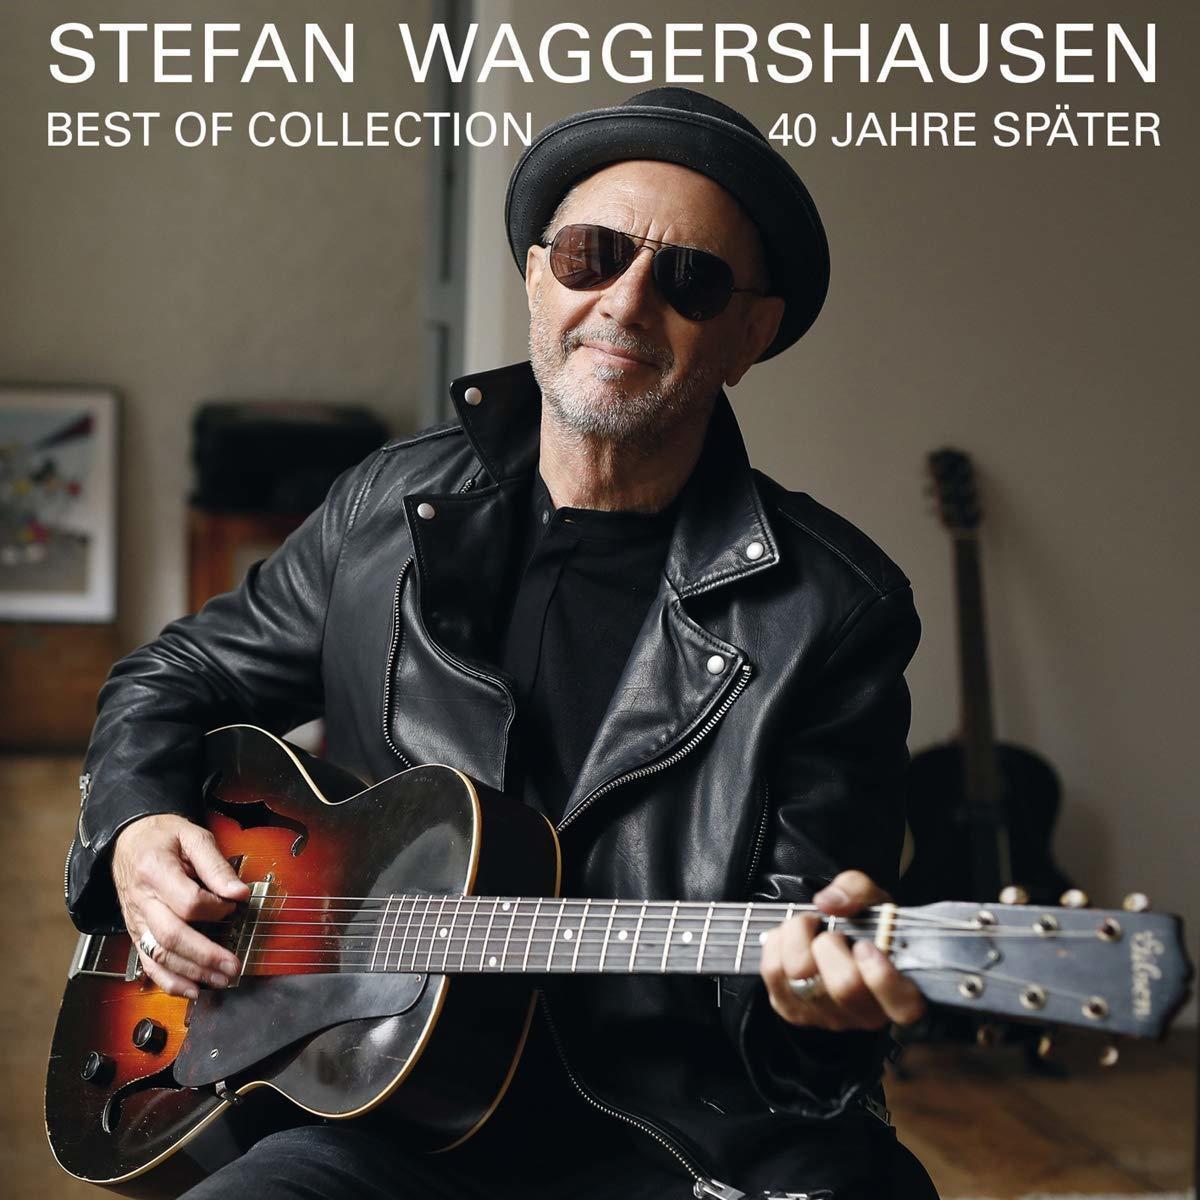 40 Jahre später-Best Of Collection (Stefan Waggershausen) für 21,96 Euro